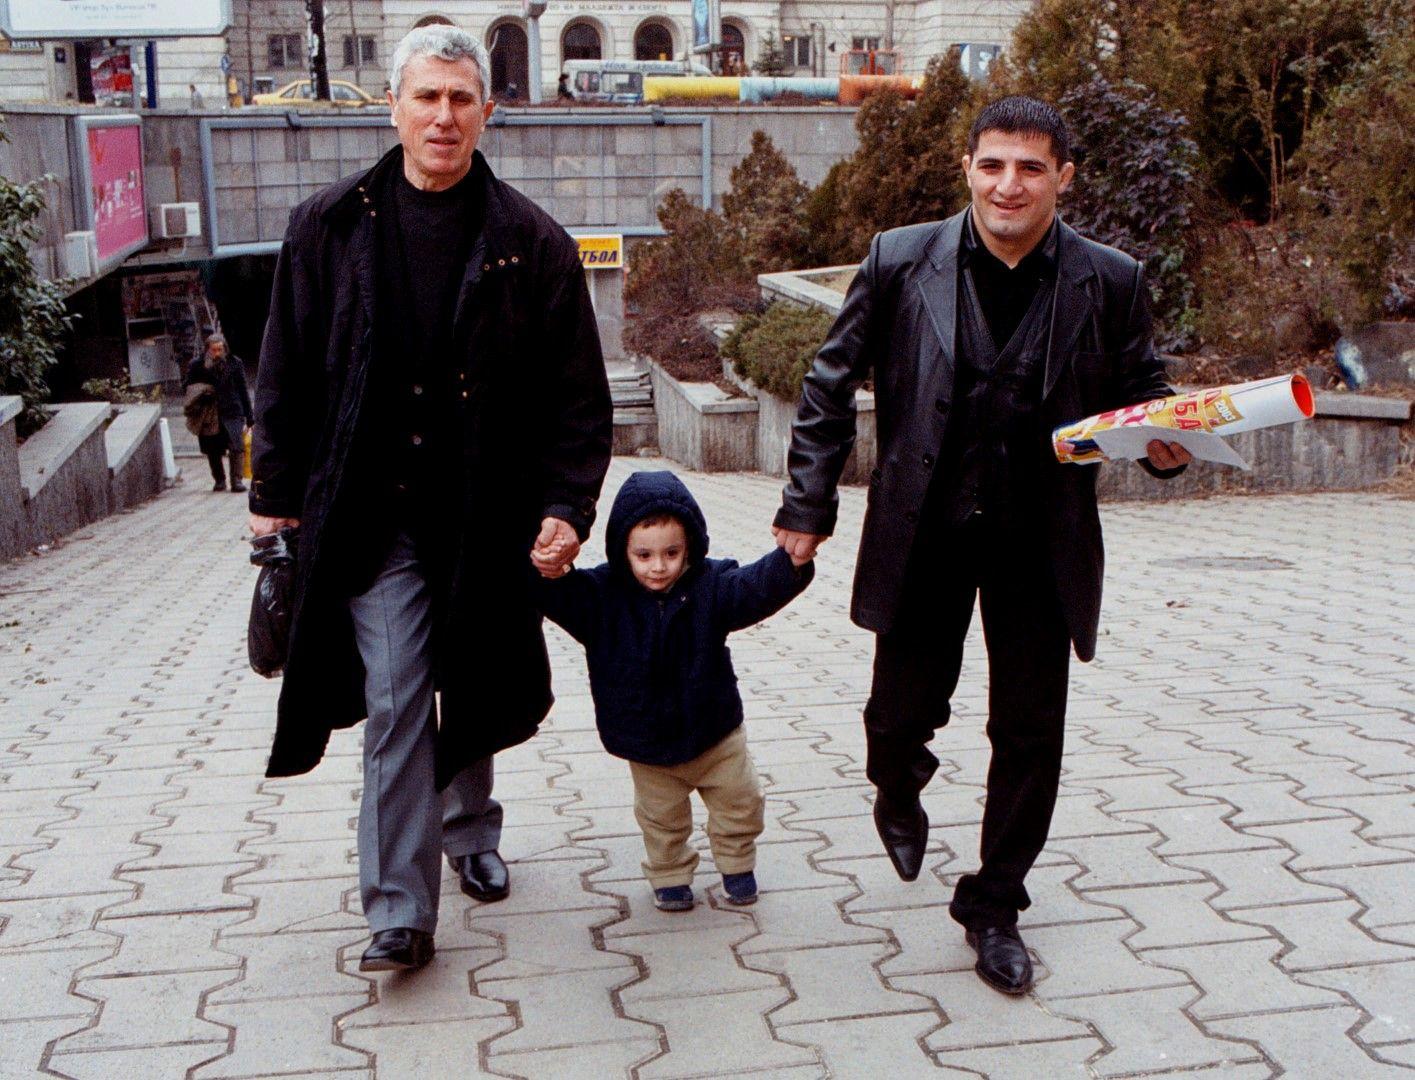 Февруари, 2004 г. - Двегодишният бъдещ шампион, воден от олимпийския такъв и негов баща - Армен, по улиците на София